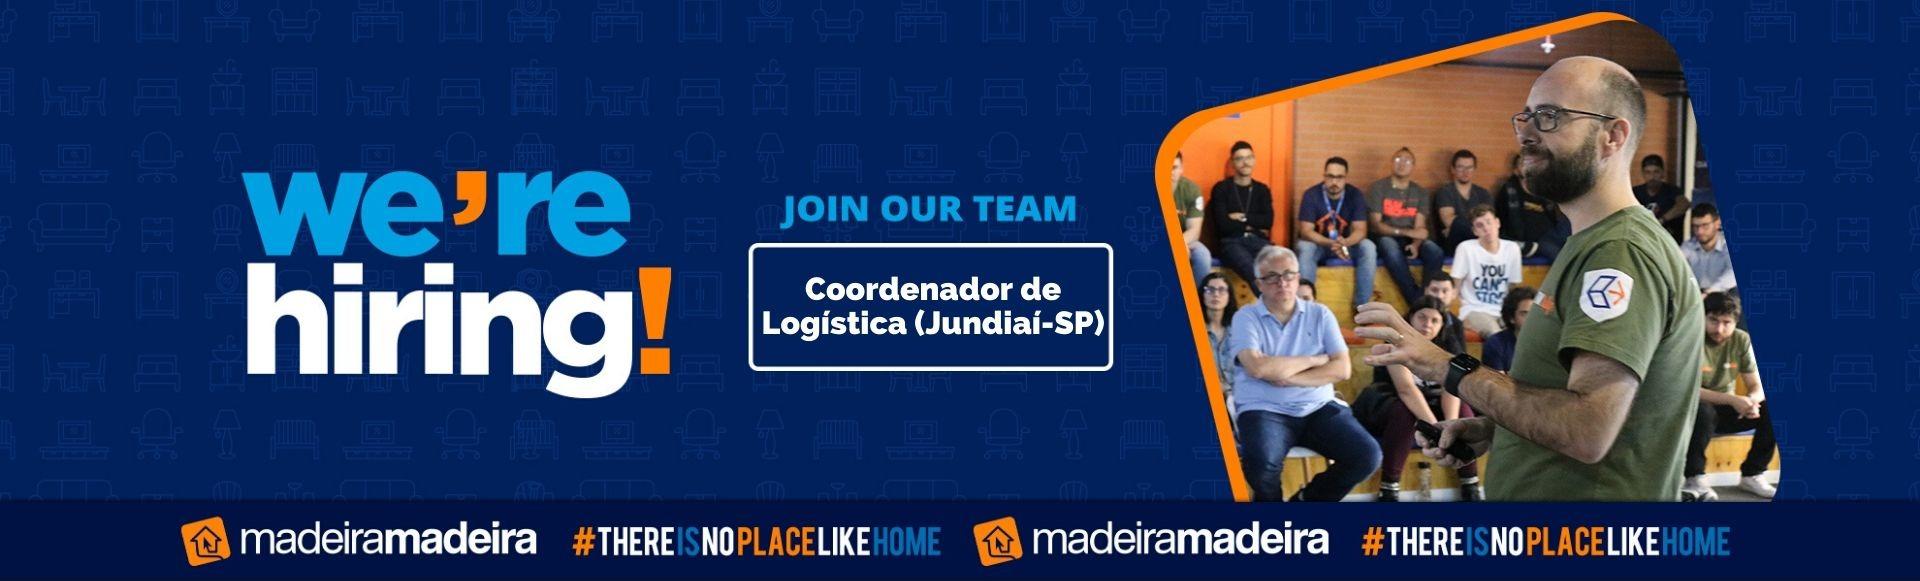 Coordenador de Logística (Jundiaí-SP)